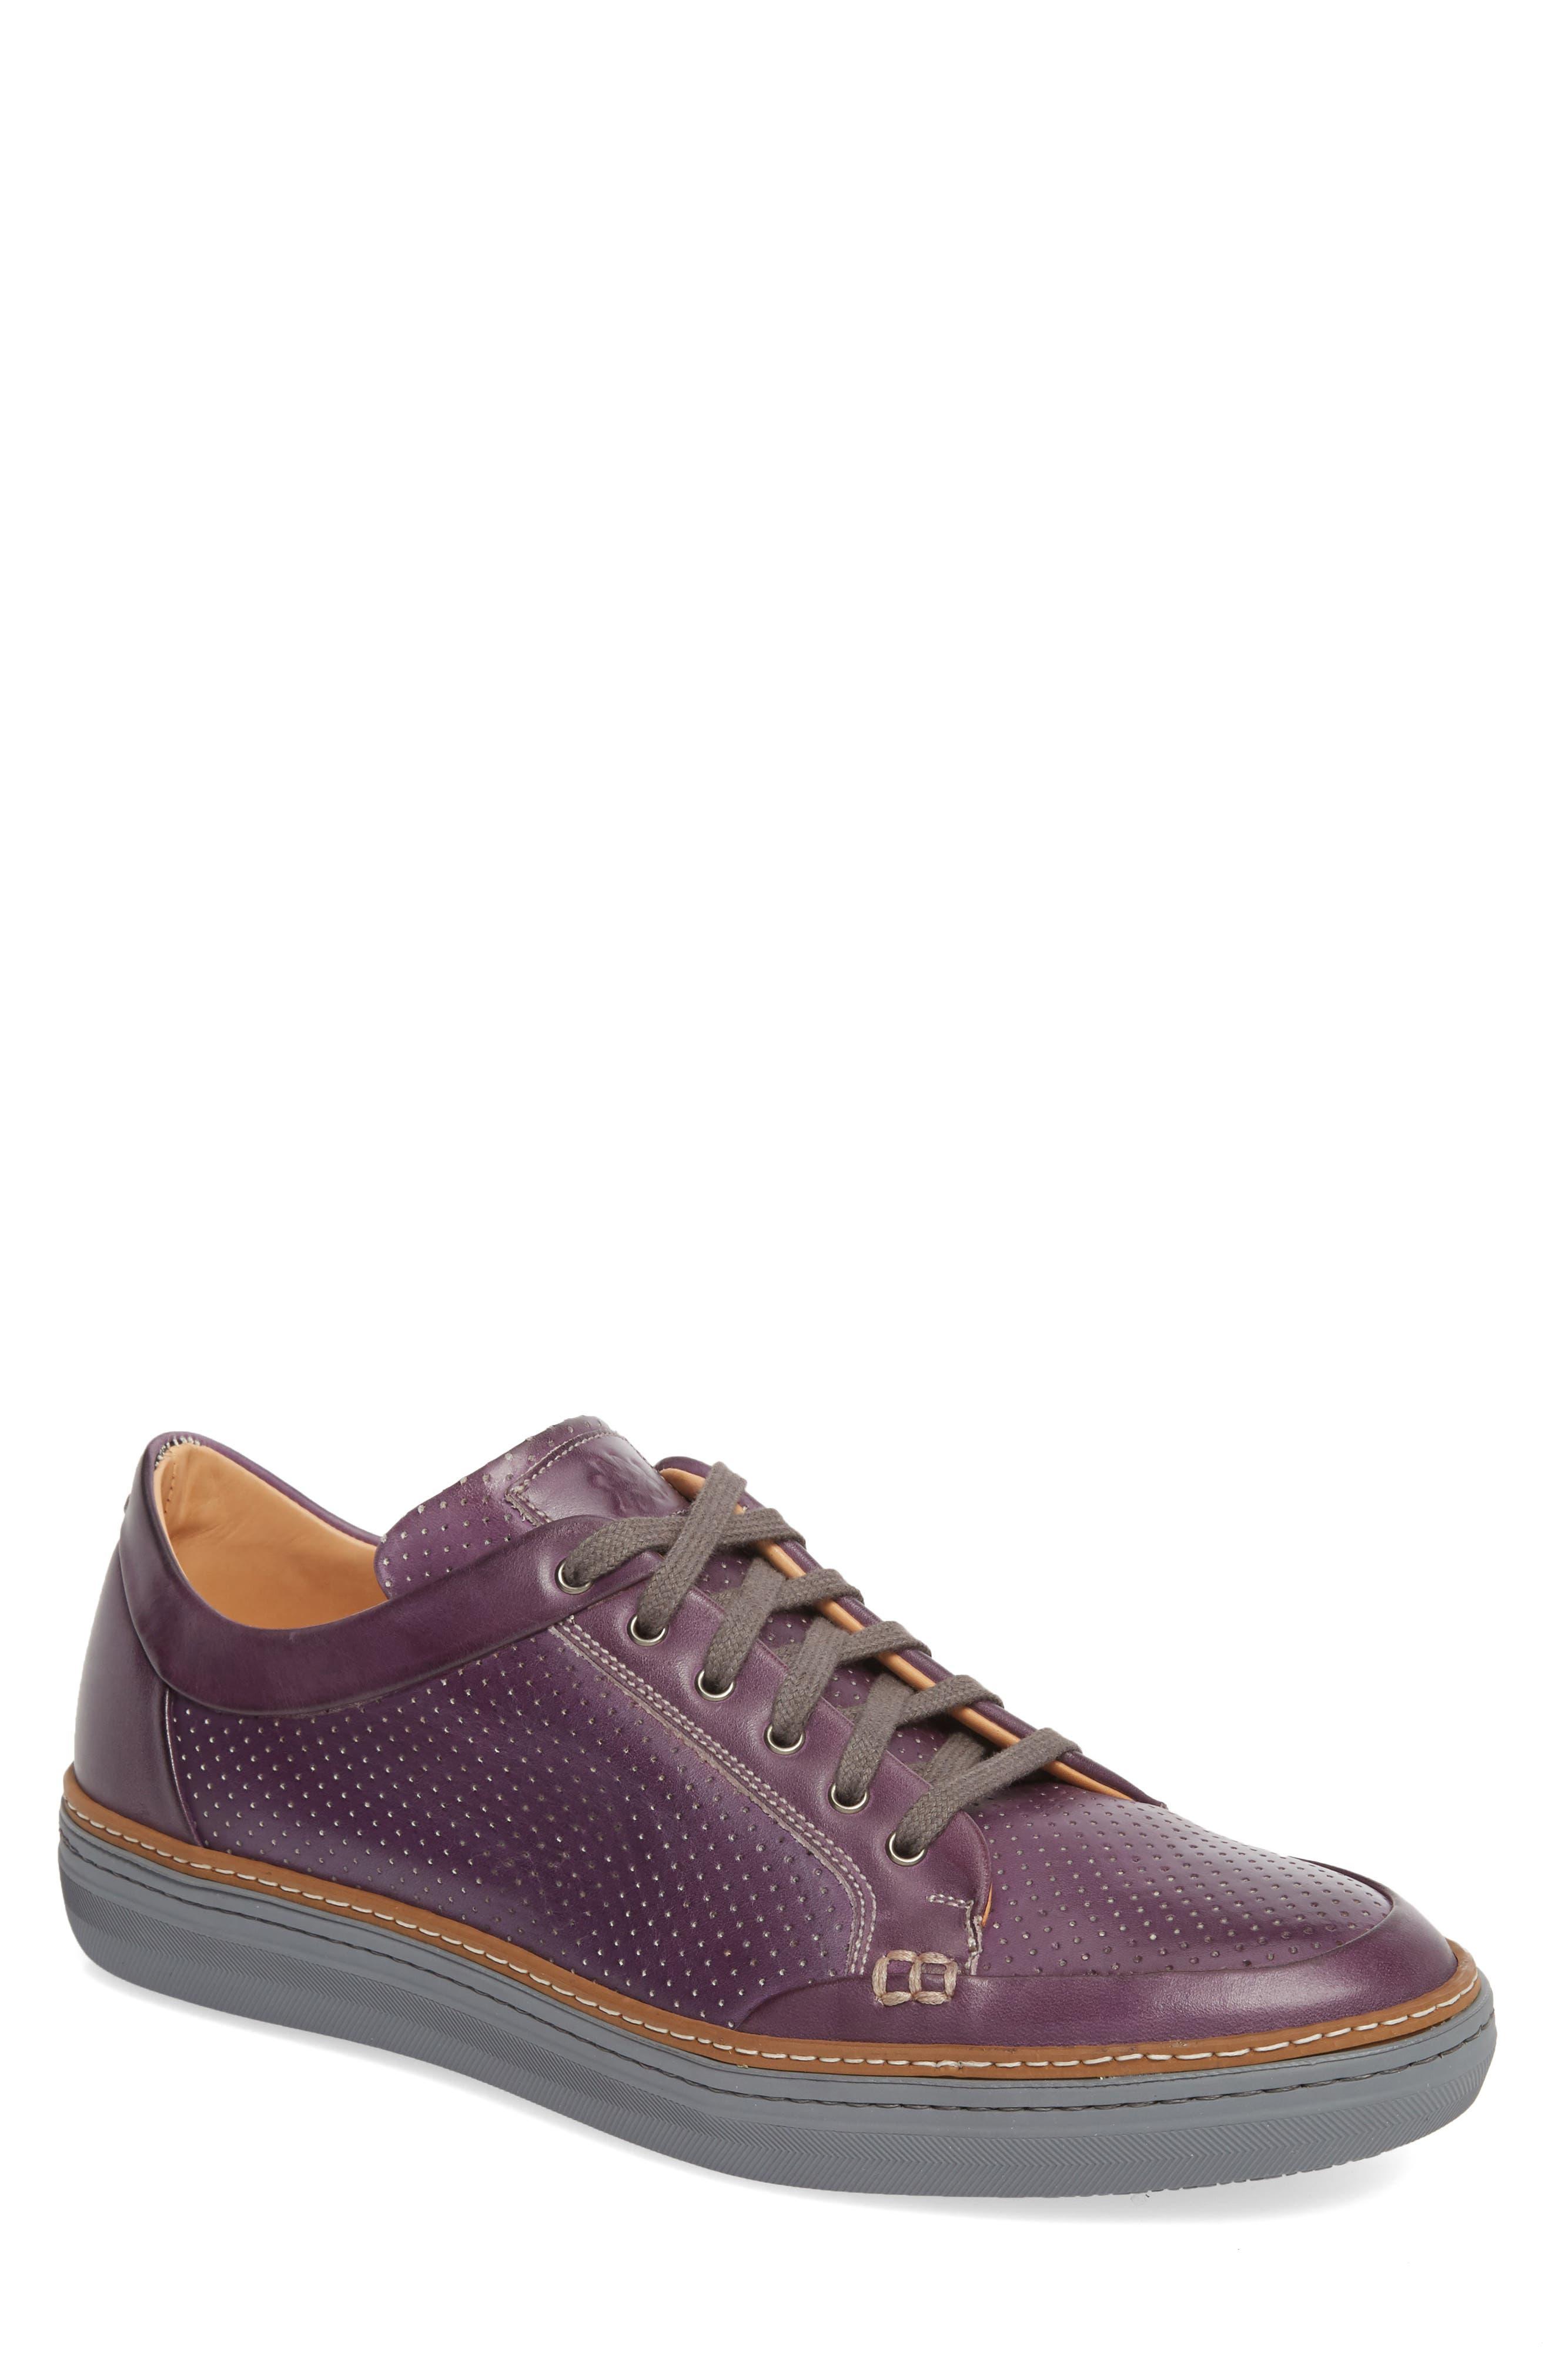 Mezlan Ceres Perforated Low Top Sneaker (Men)